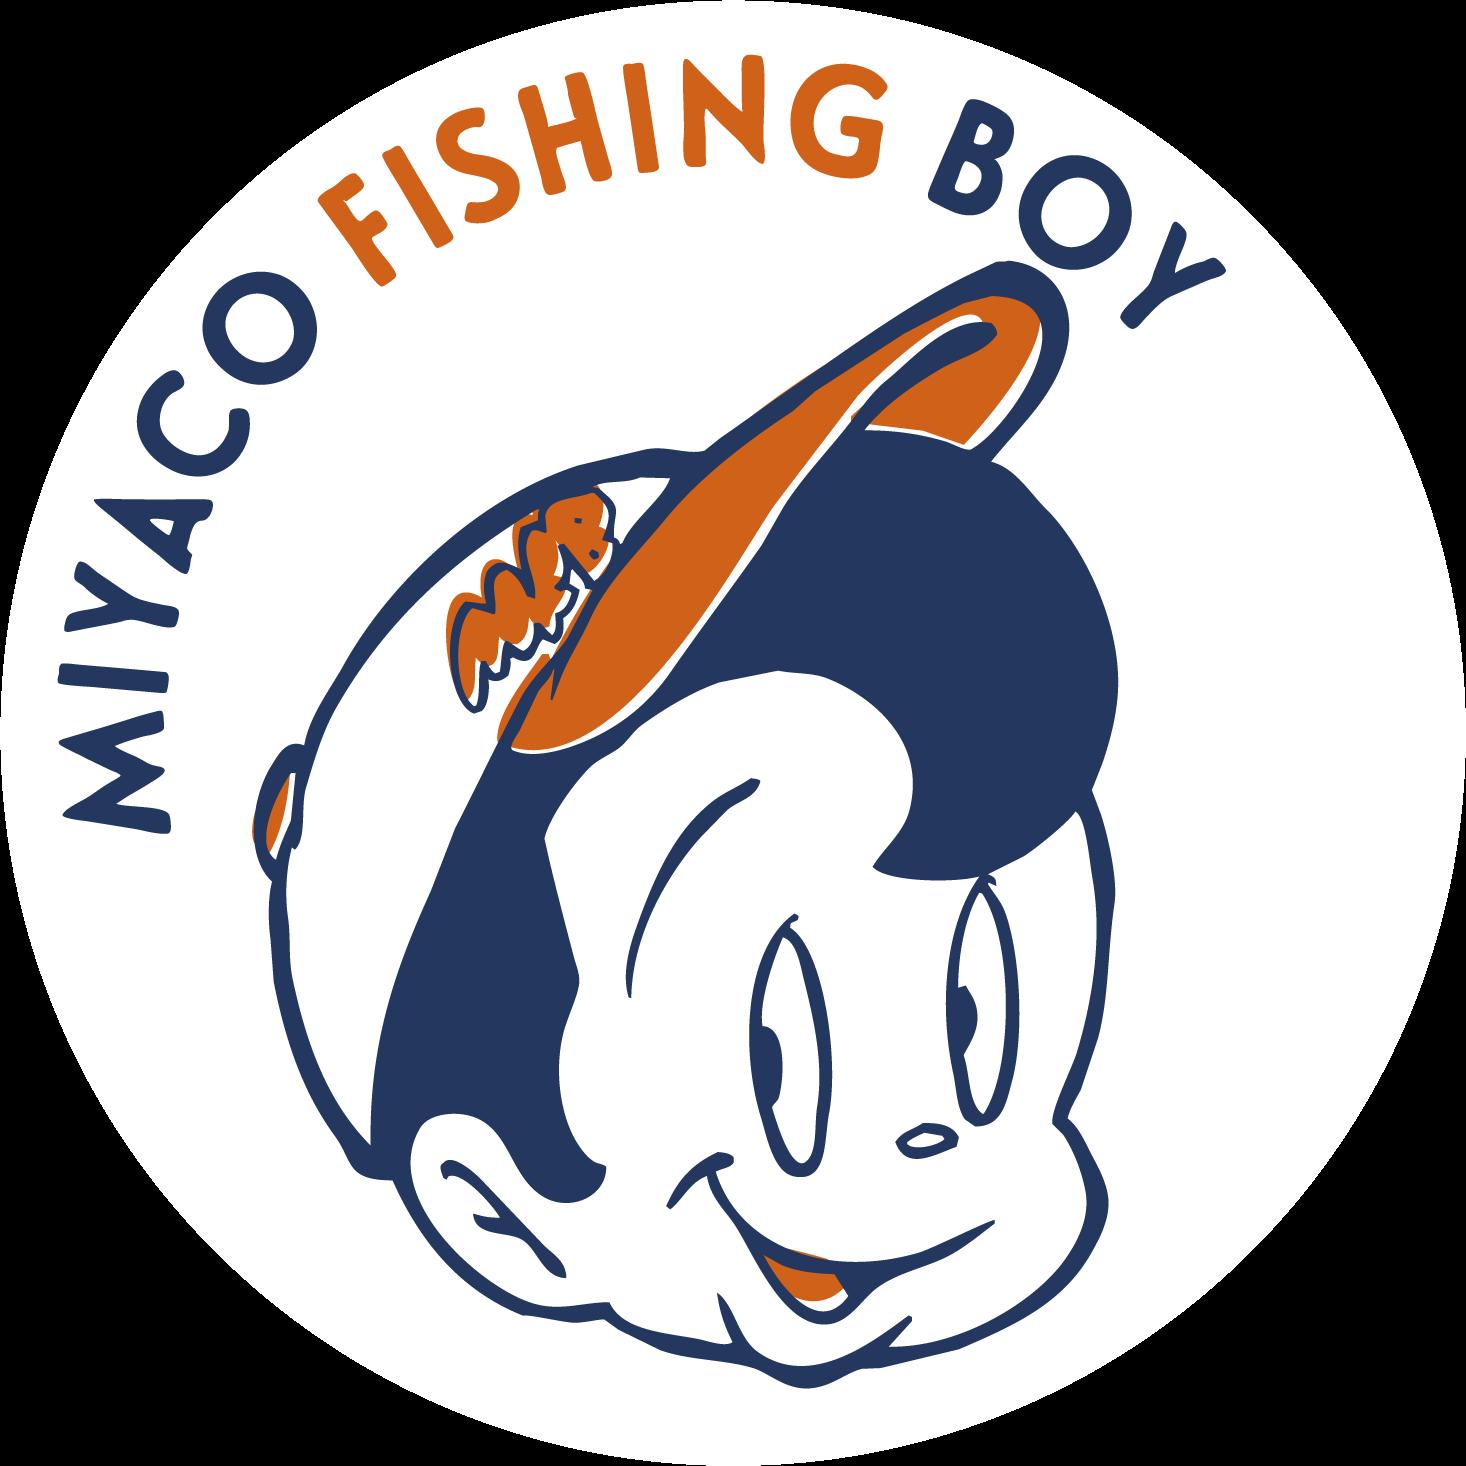 MIYACO FISHING BOY